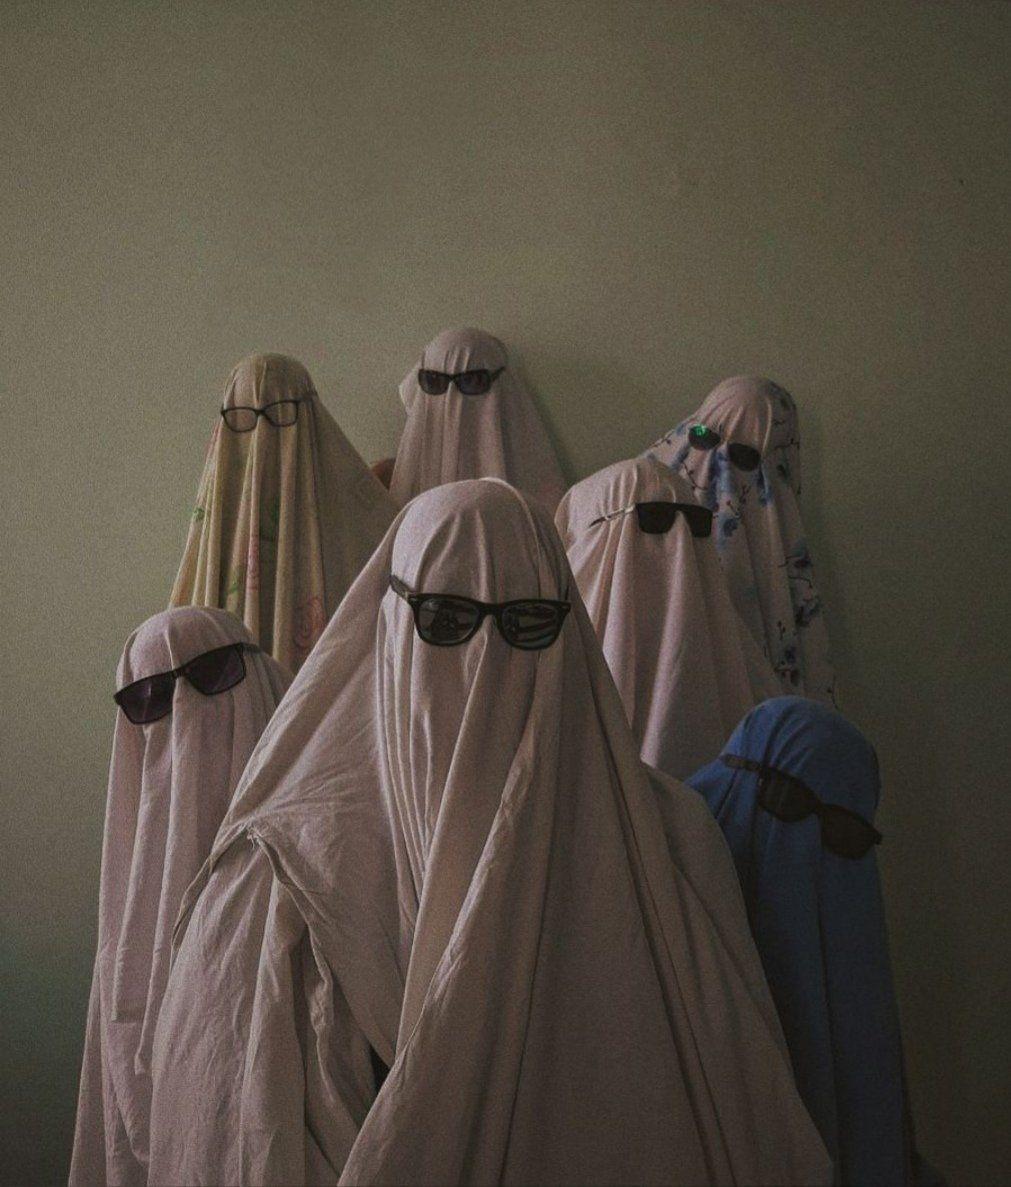 """fawna٭ on Twitter: """"в перерывах между парами мы с одногруппниками решили замутить ghost photoshoot"""